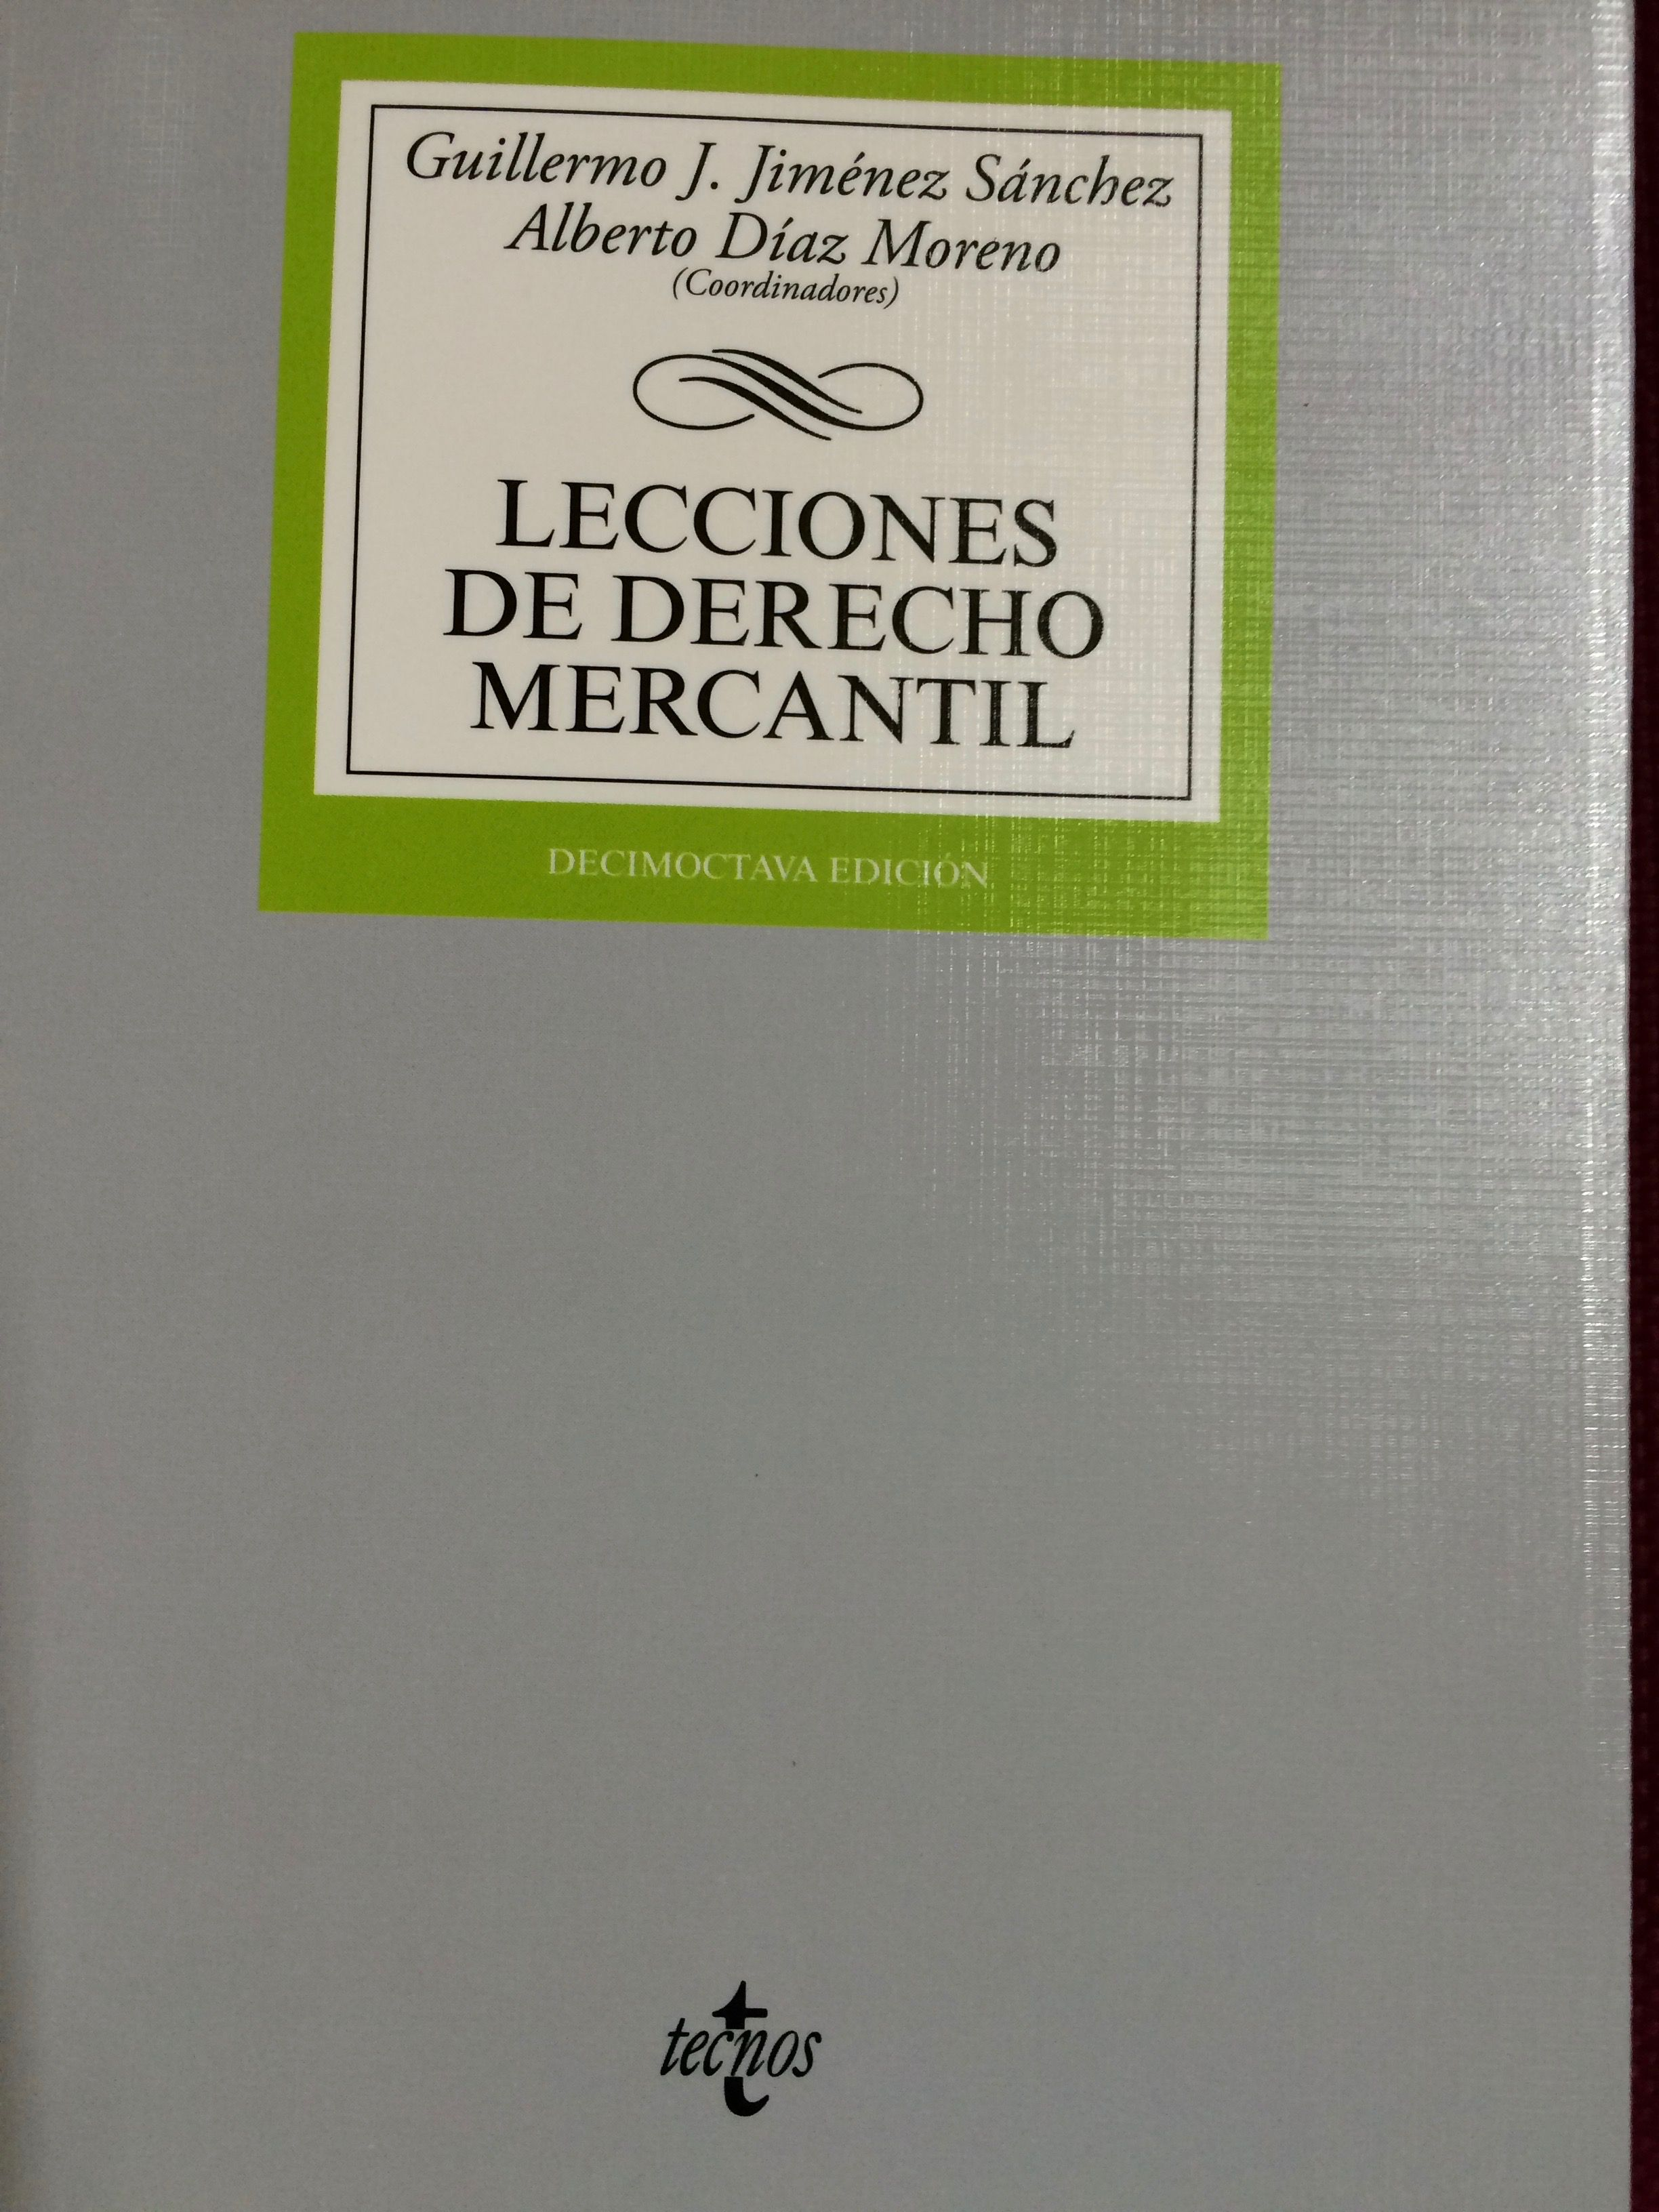 Manuales Universitarios Derecho Lecciones De Derecho Mercantil 2015 Derecho Mercantil Mercantil Cursillo